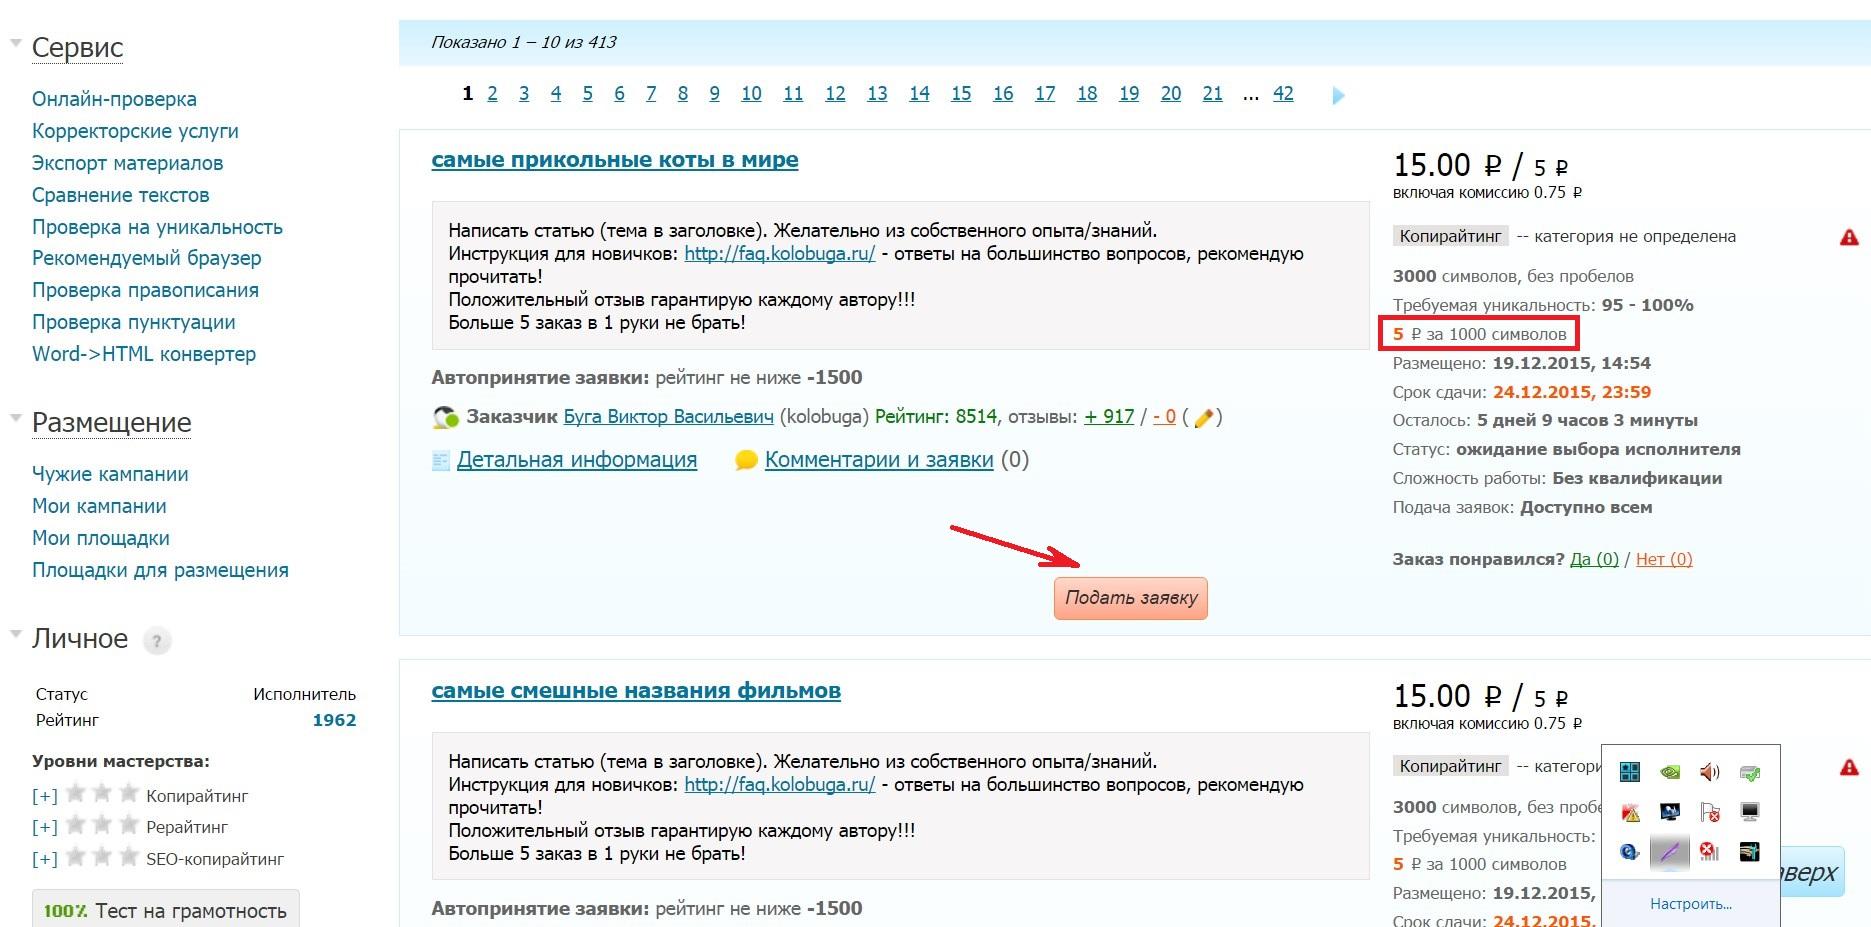 etxt биржа копирайтинга перечень заказов список оплата за рерайт статьи - рерайтинг автопринятие заявки